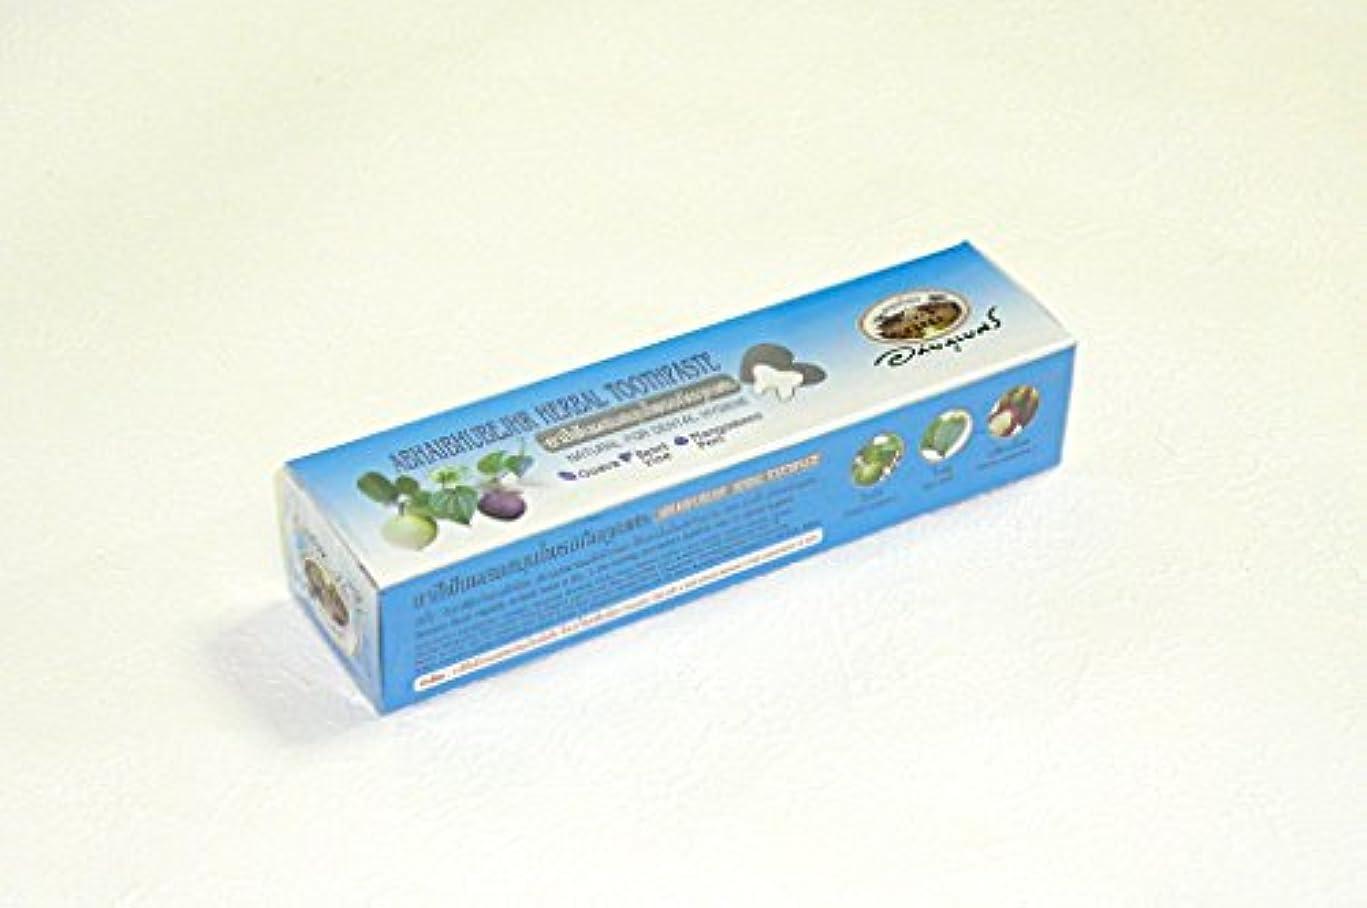 ドナウ川謝罪貨物ハーバル歯磨き粉 70g [並行輸入品]